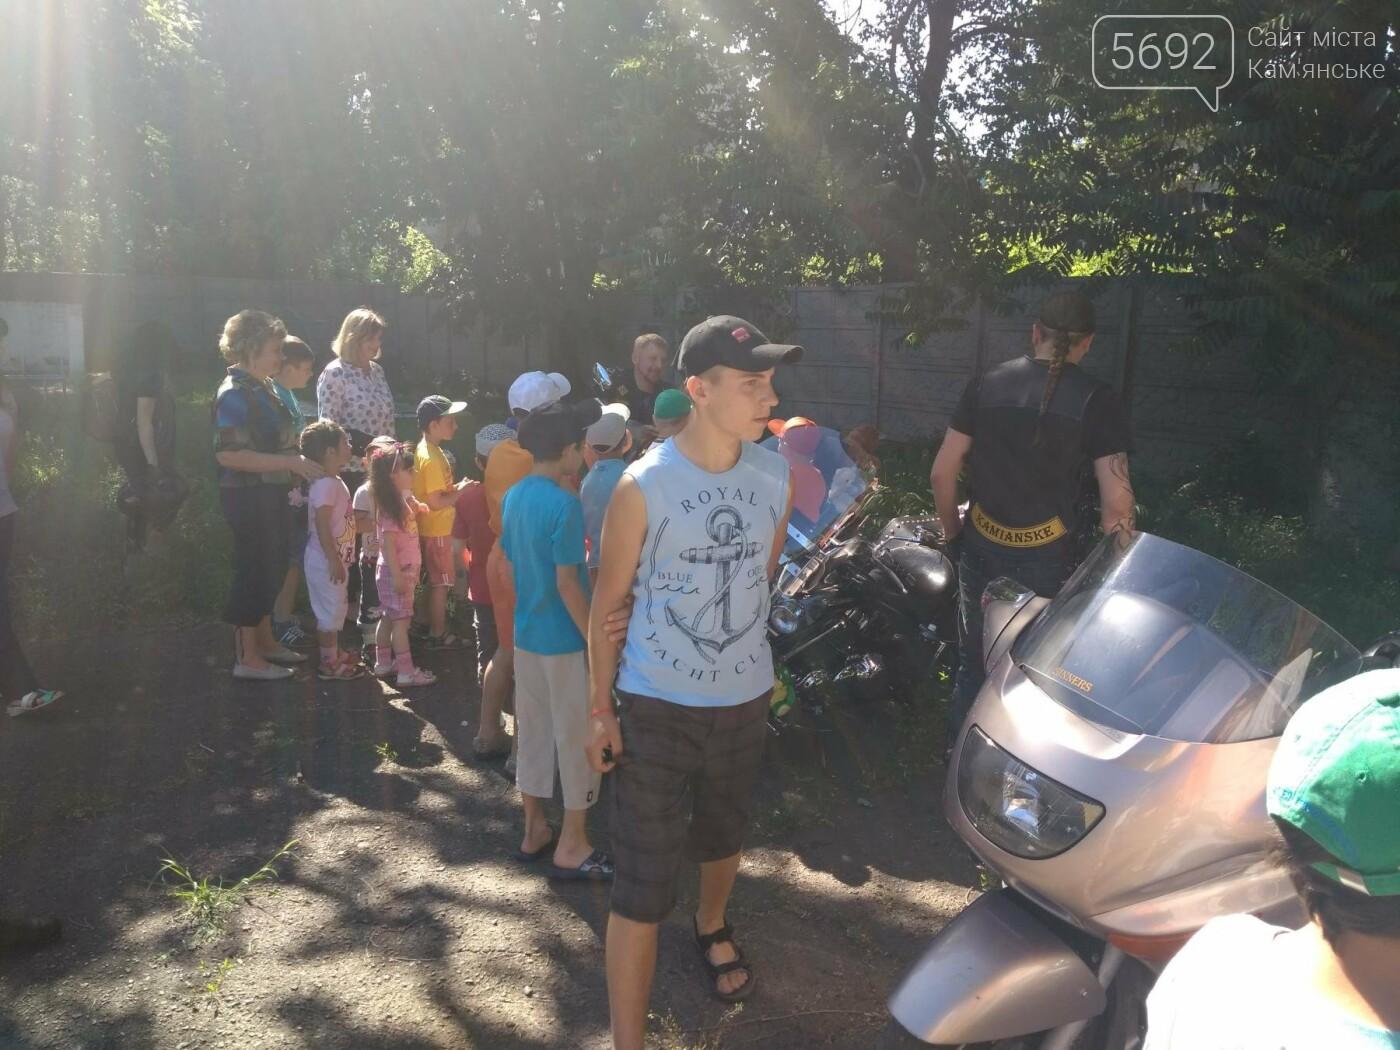 Байкеры Каменского прокатили на мотоциклах детей-сирот, фото-6